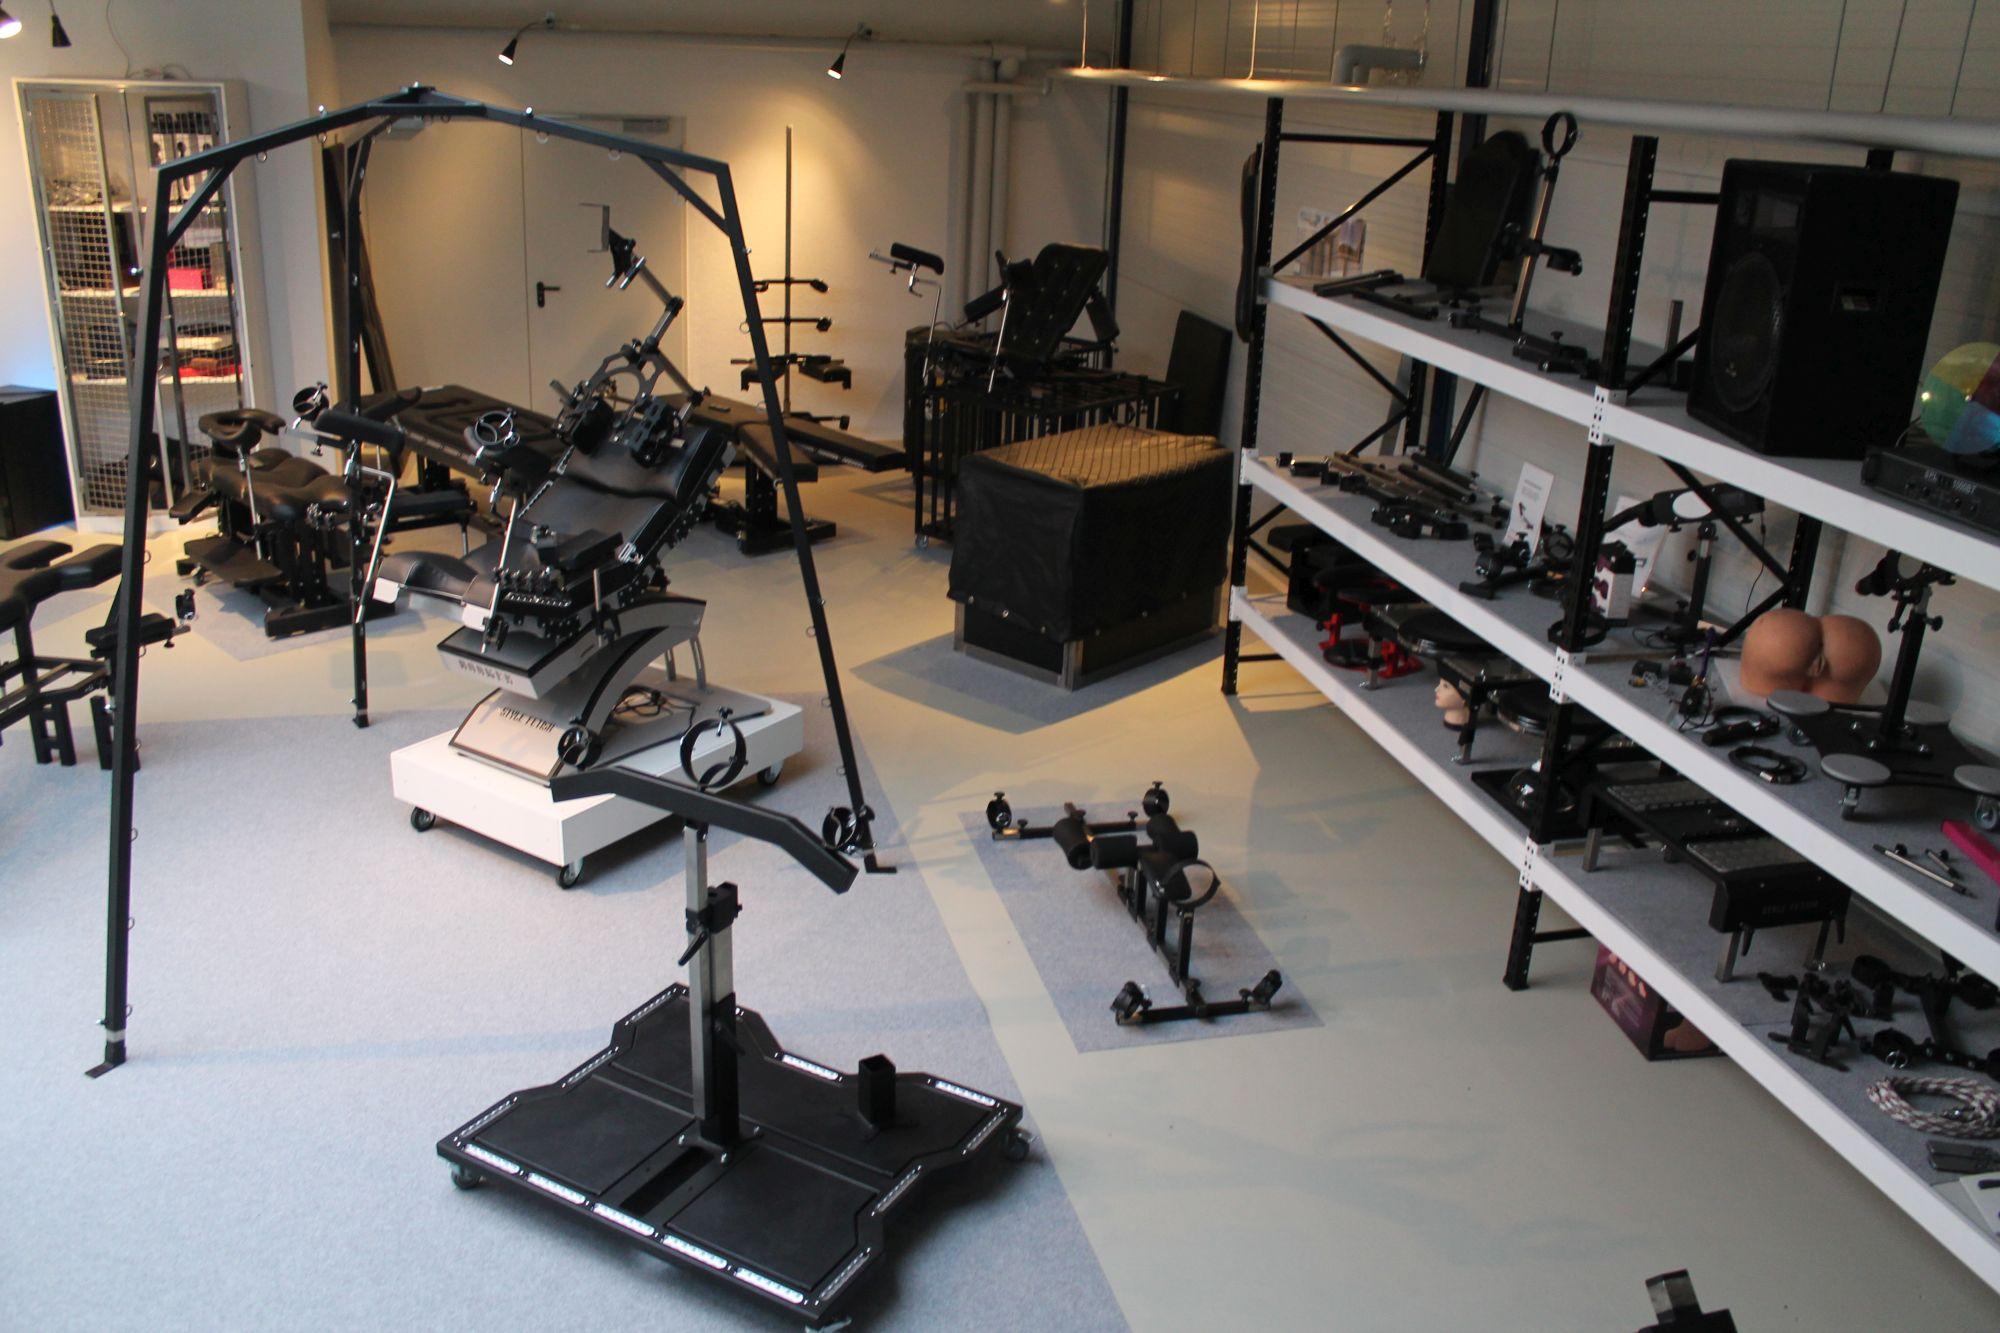 StyleFetish Möbel Ausstellung mit Strafbock und Fickmaschine